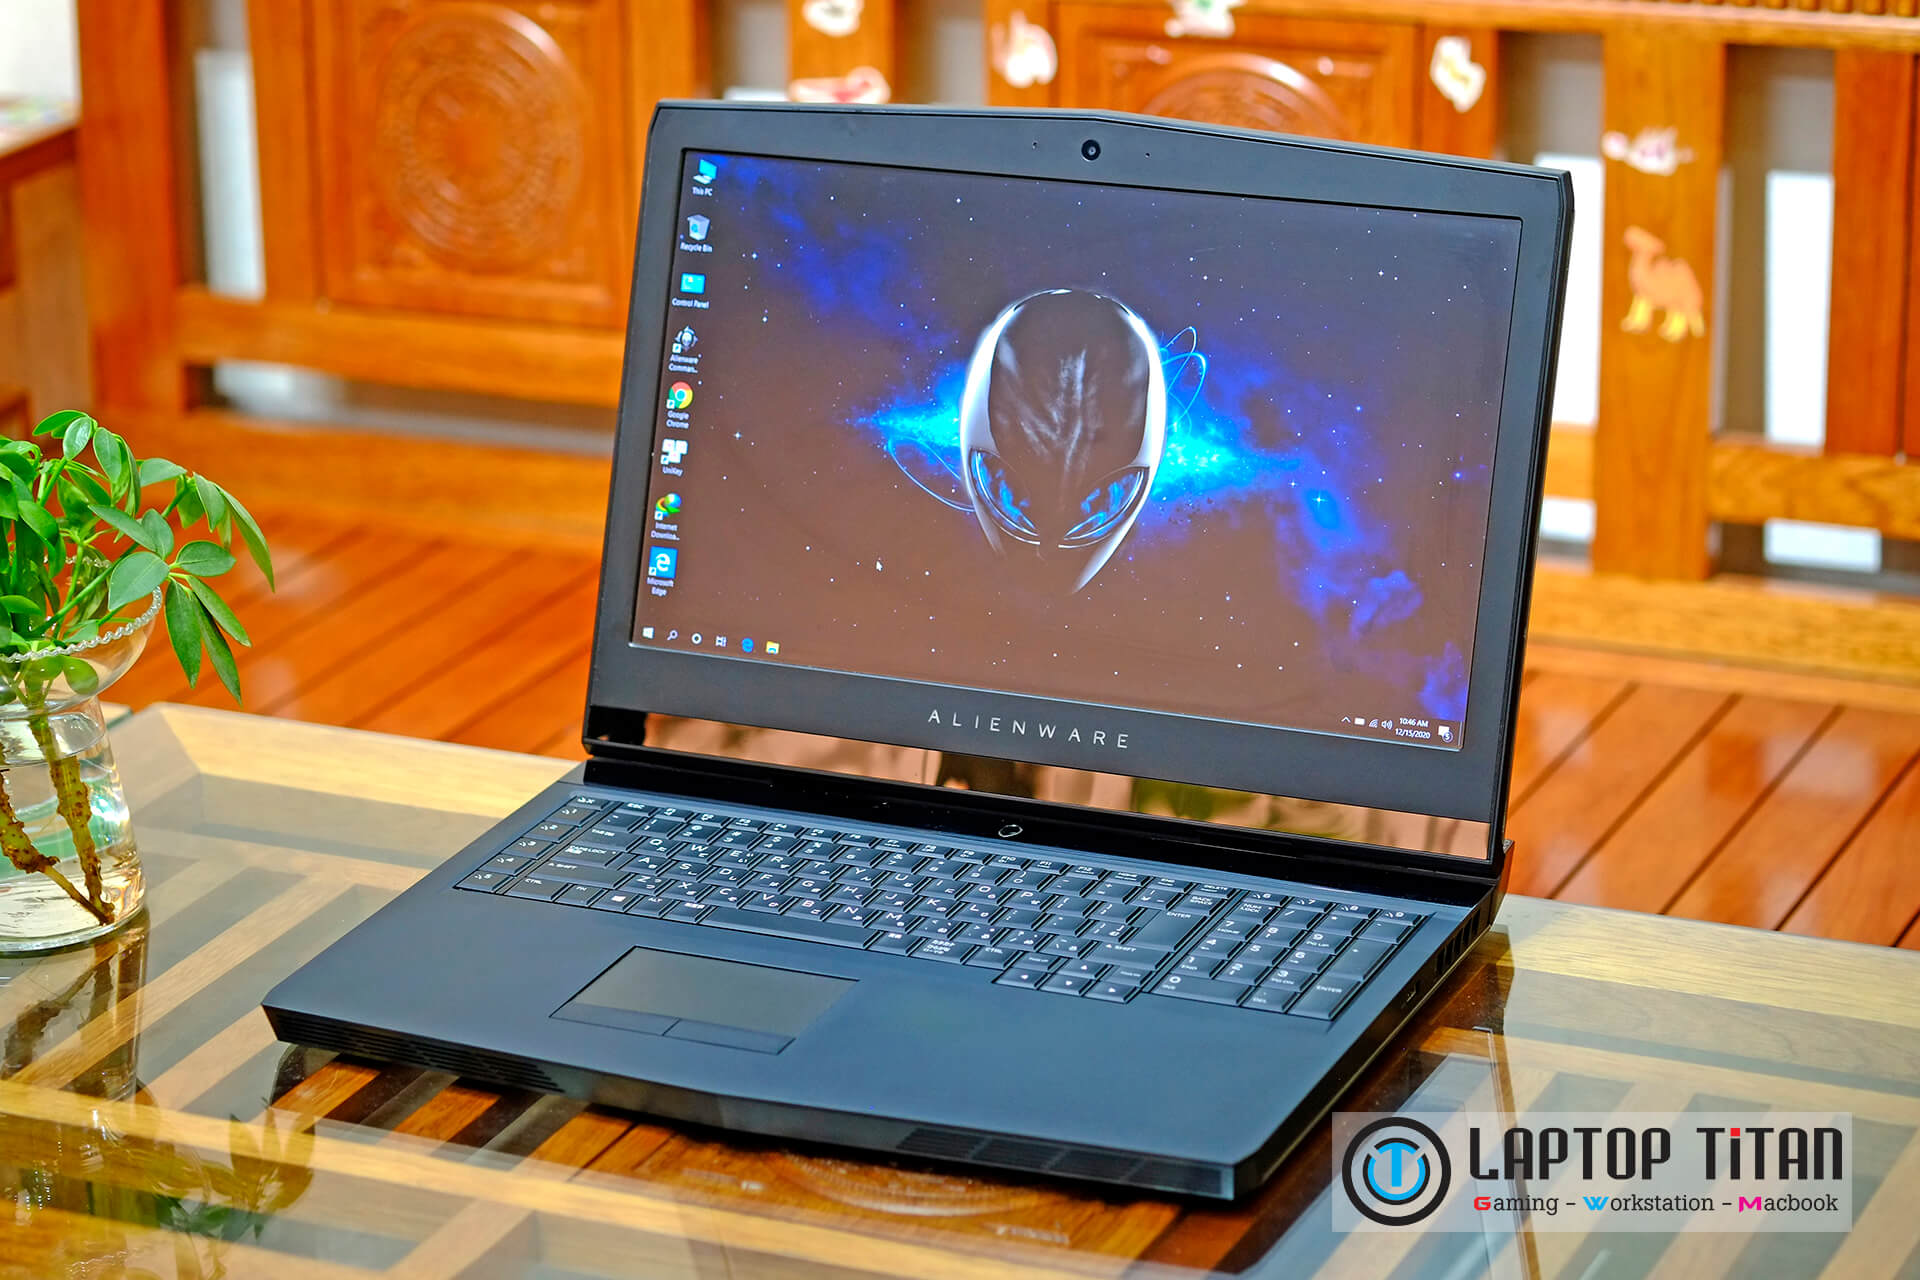 Dell Alienware 17 R4 laptoptitan 003 1